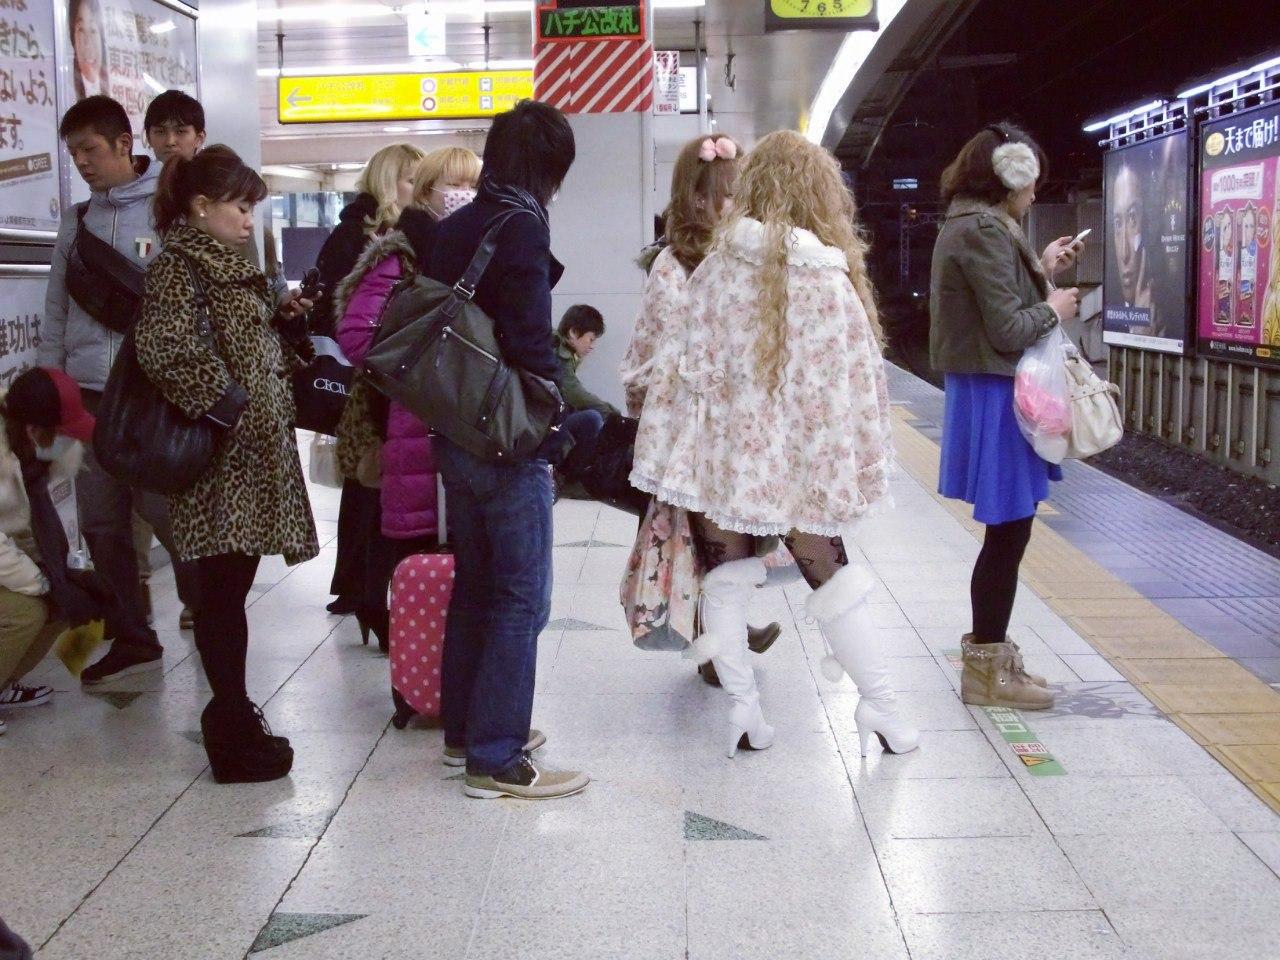 Фото из метро спящих девушек фото 128-700